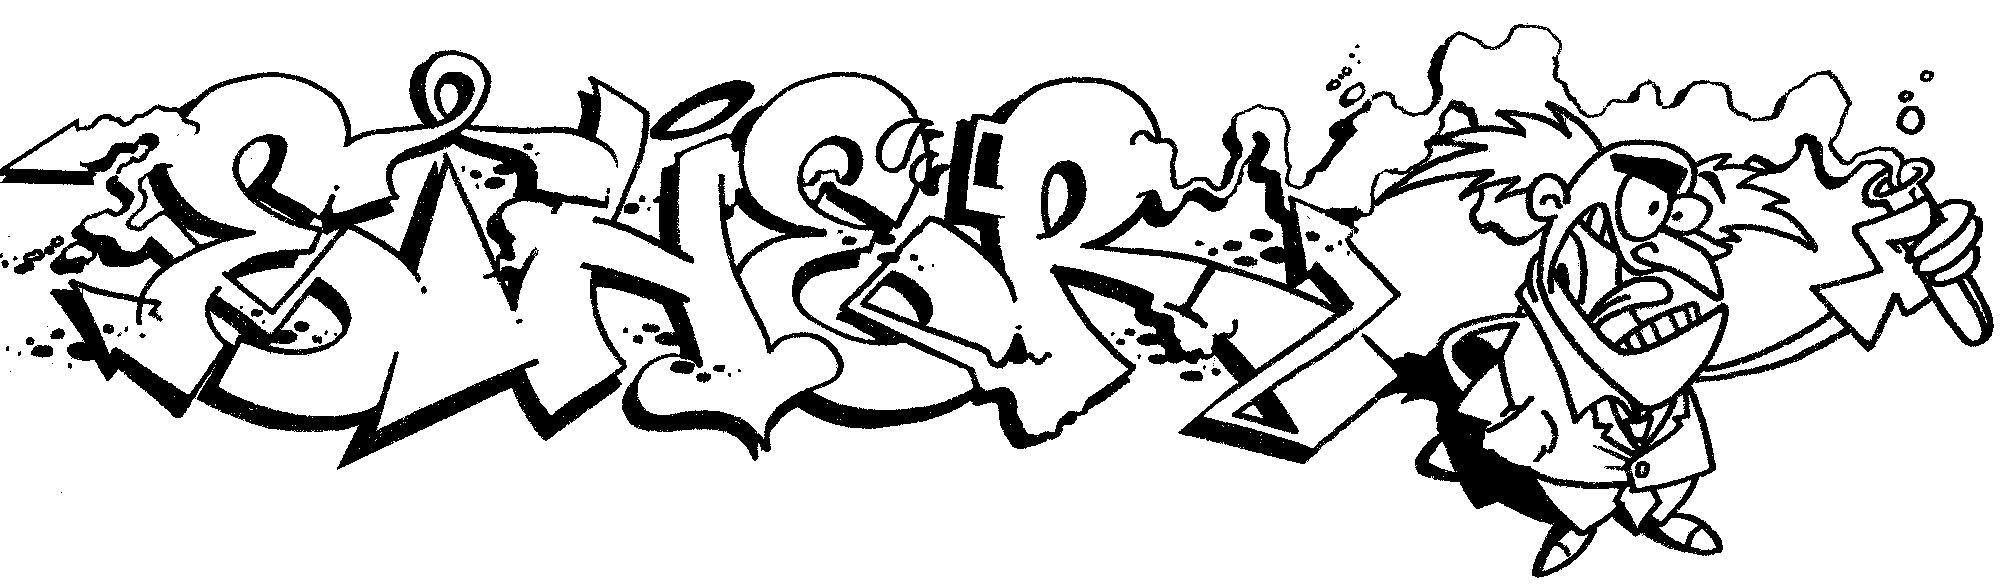 ... graffiti coloring kid safe huruf grafiti colouring pages gambar huruf